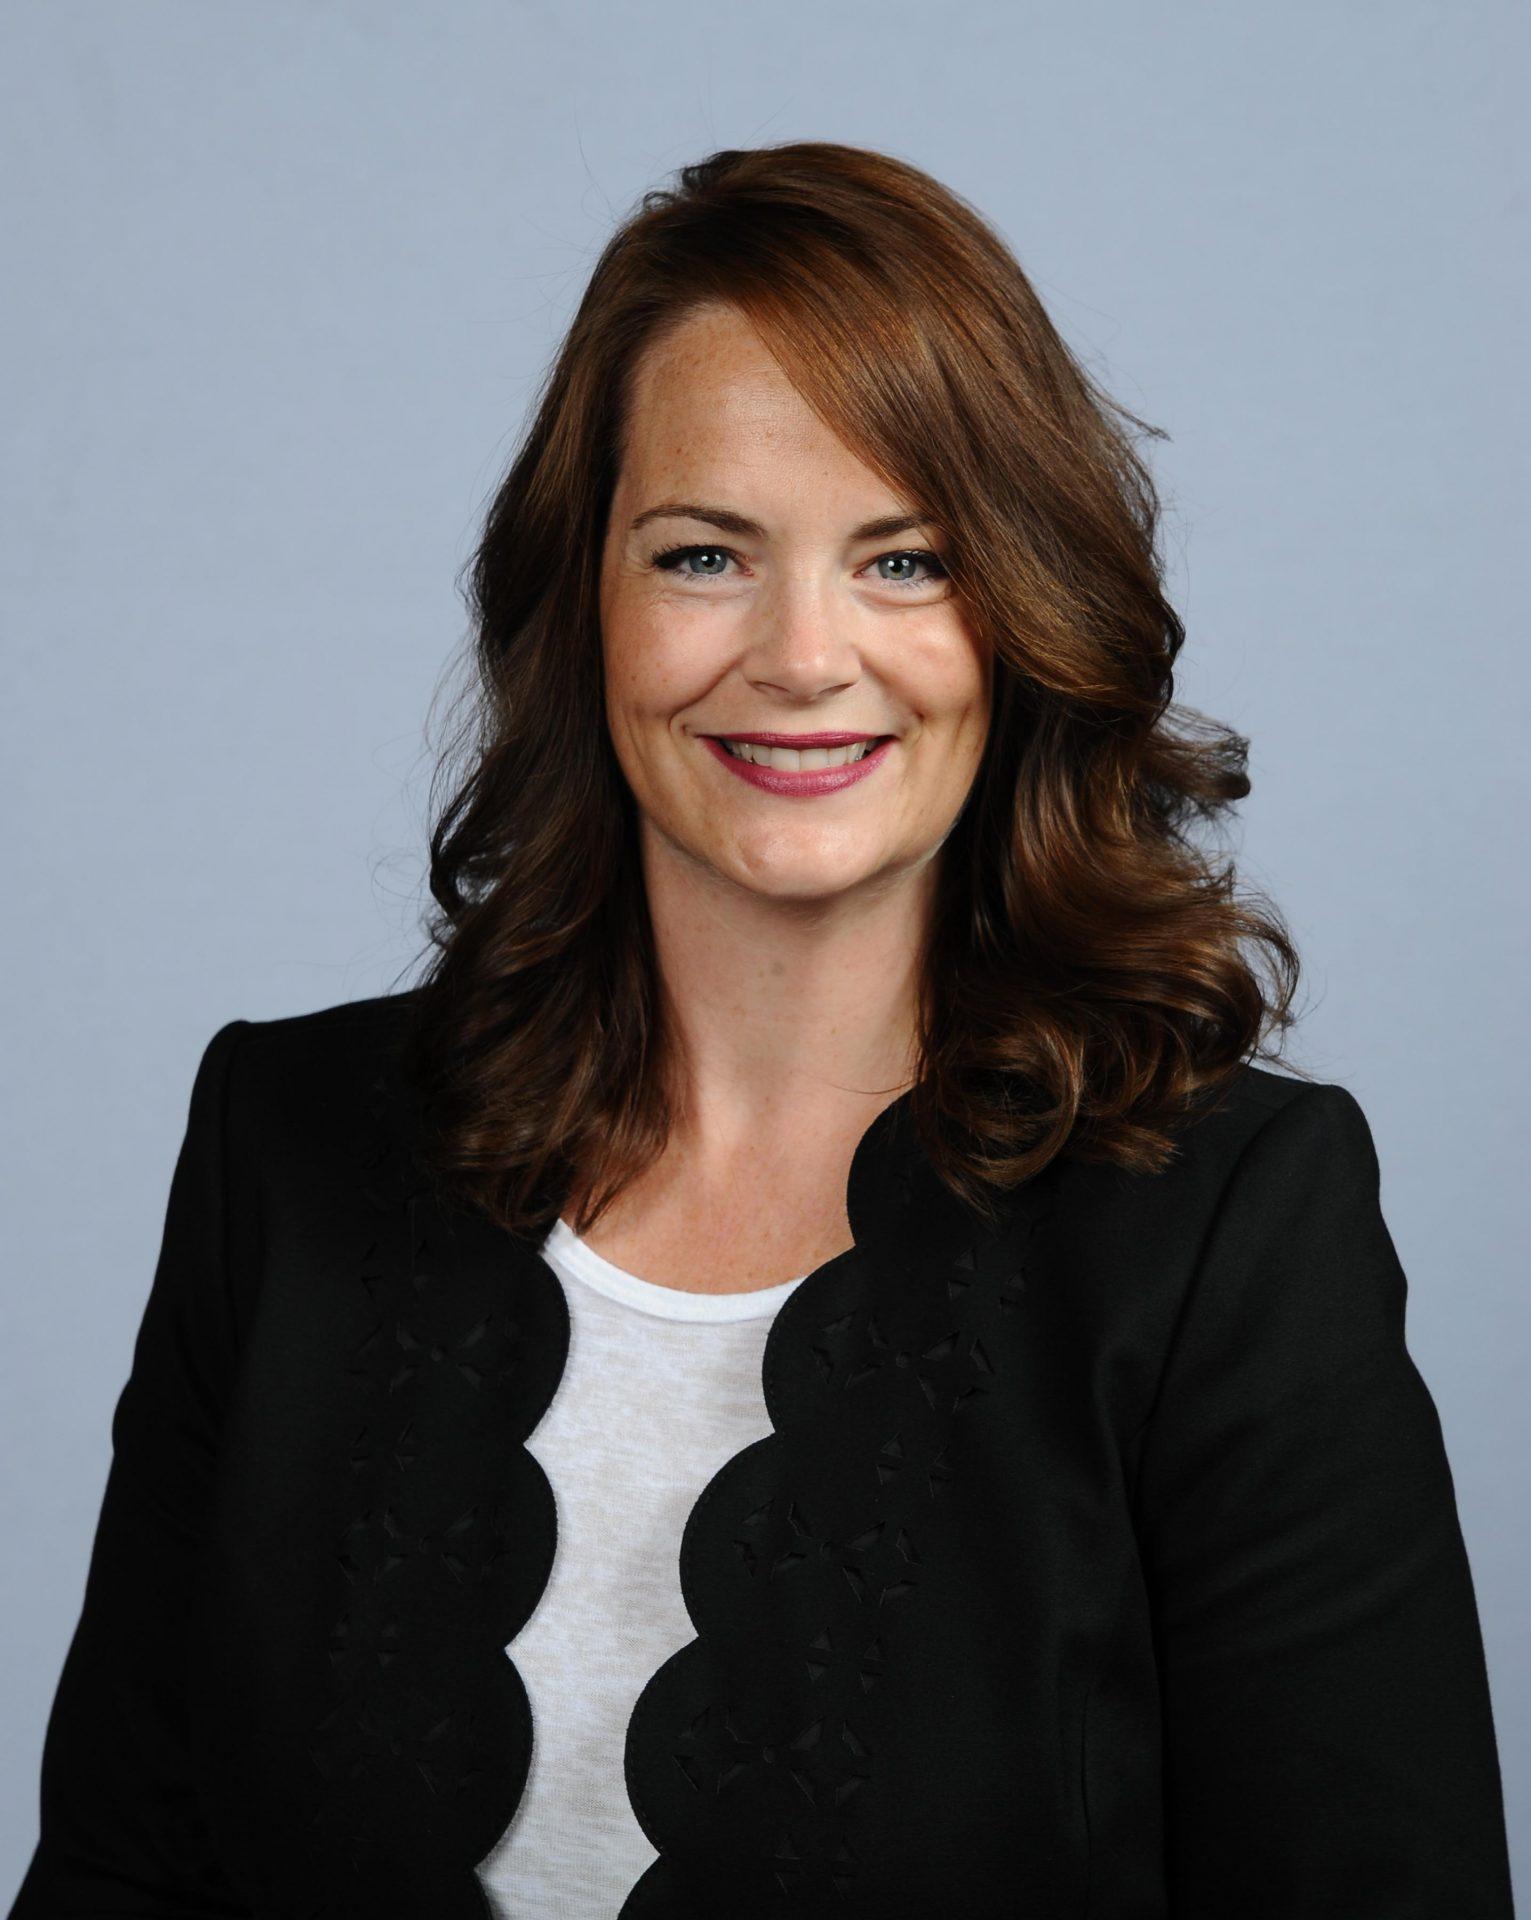 Rebecca Leach